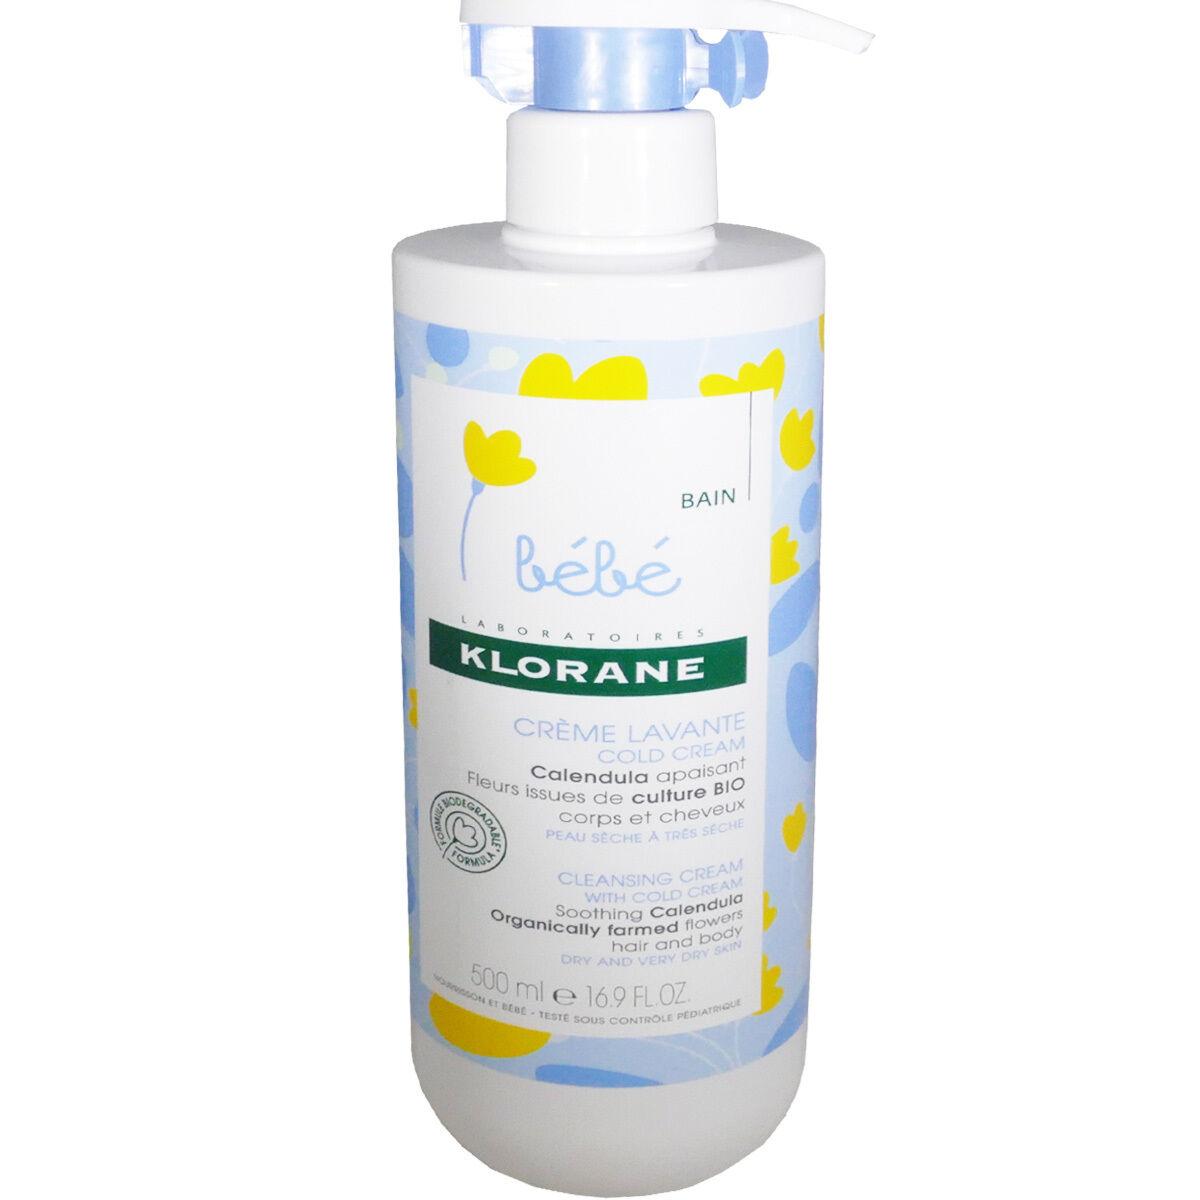 Klorane creme lavante cold cream 500 ml